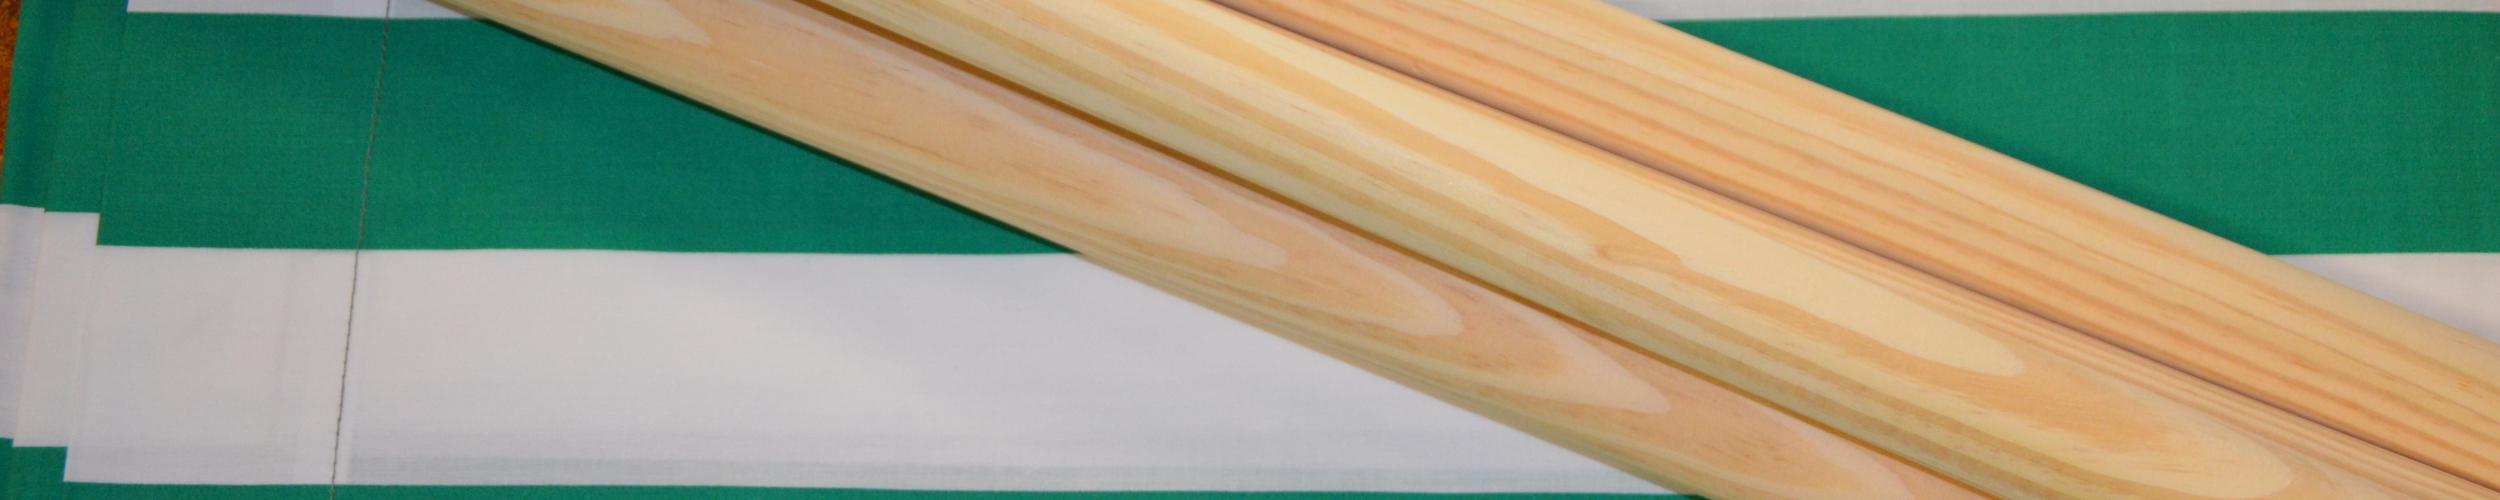 Windscherm Groen/Wit 5 meter, Stockactie nummer